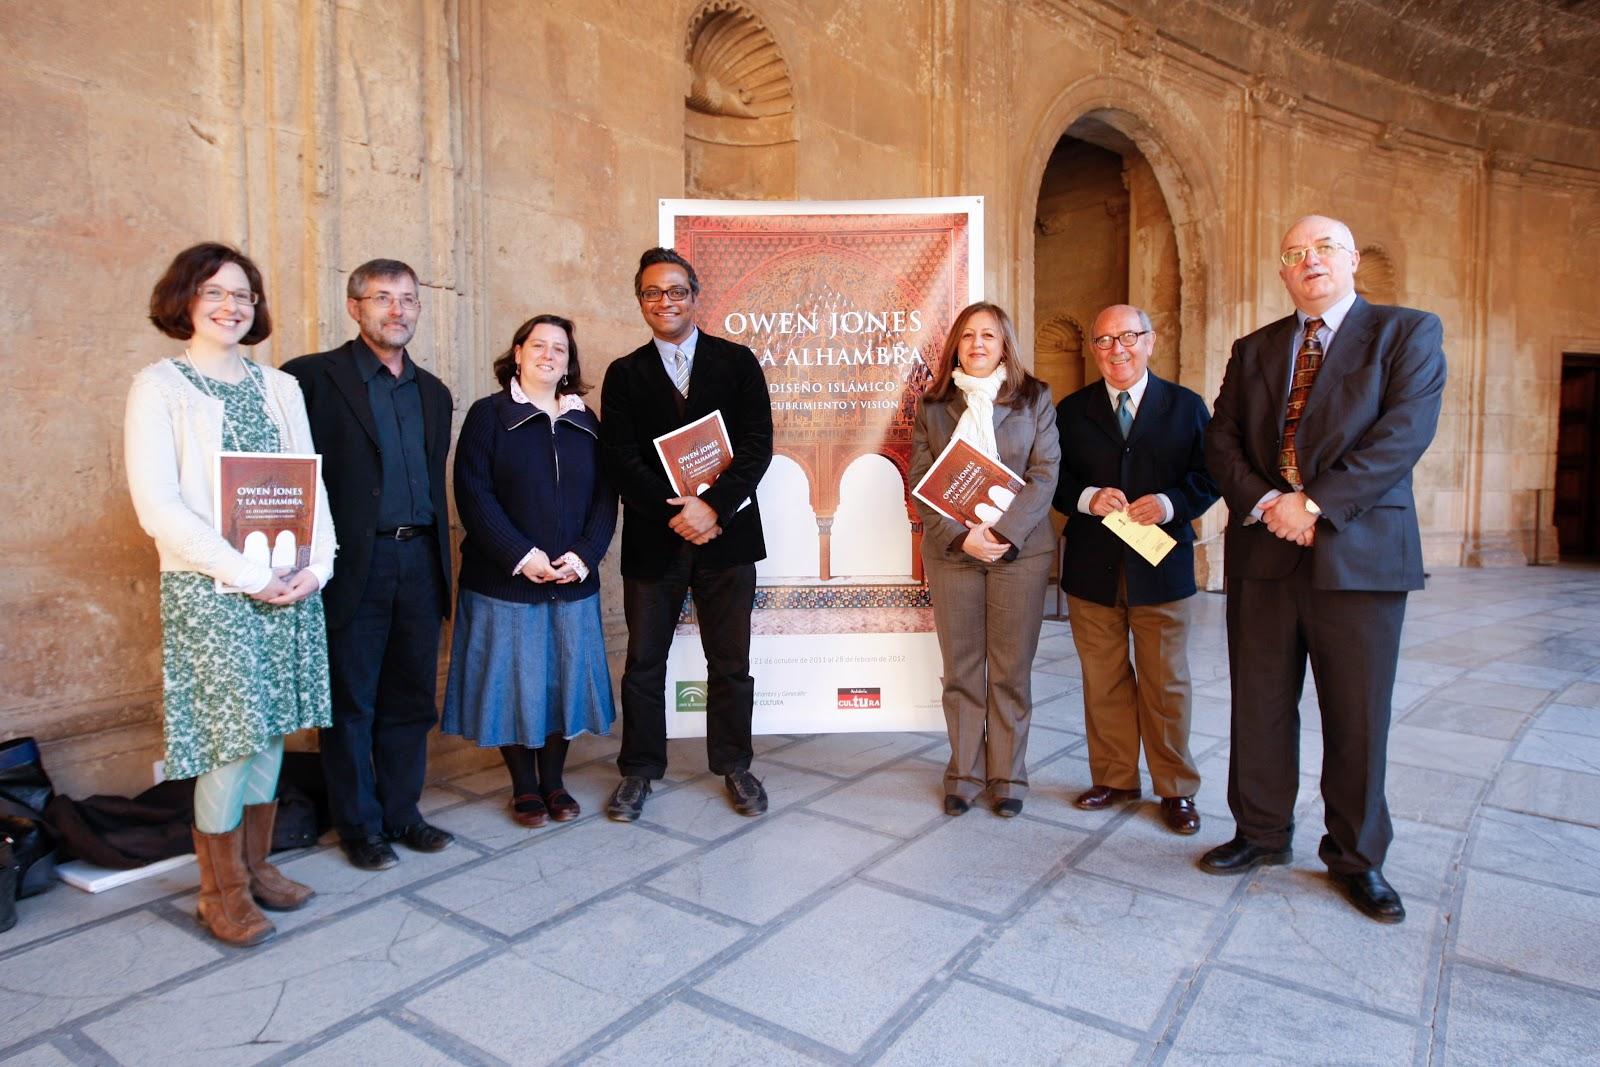 Hoy: Owen Jones a debate en el Palacio de Carlos V de la Alhambra